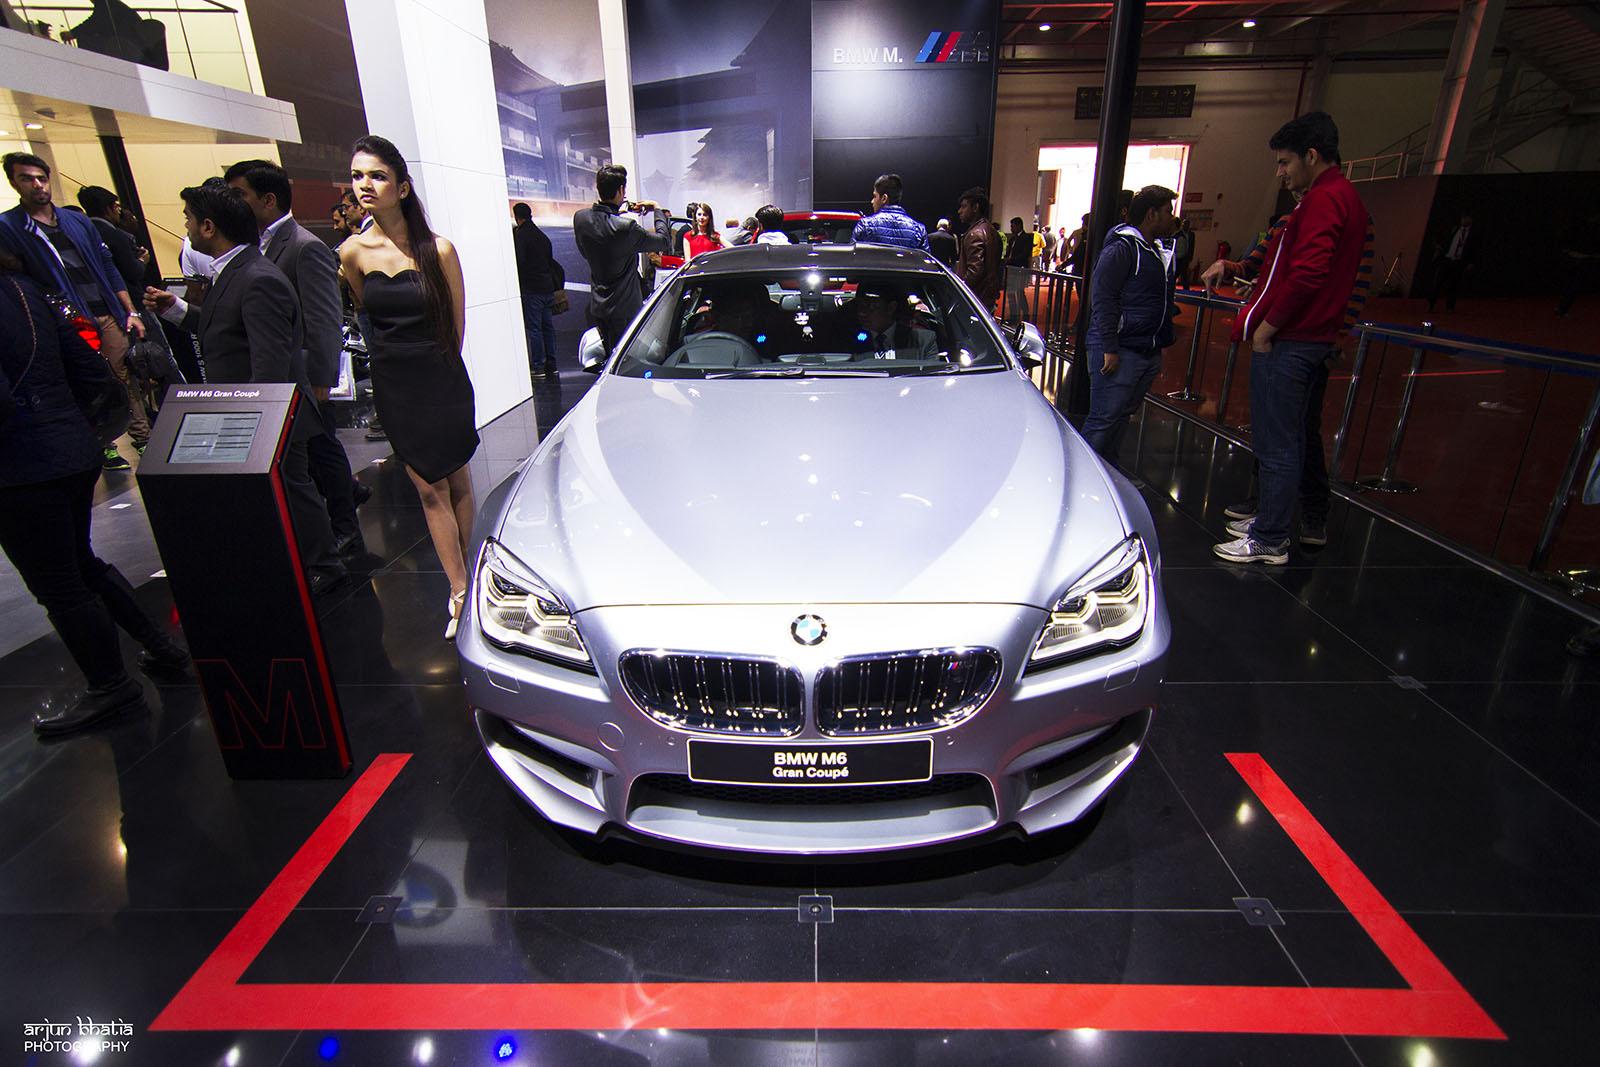 BMW M6 Delhi Auto Expo 2016 2